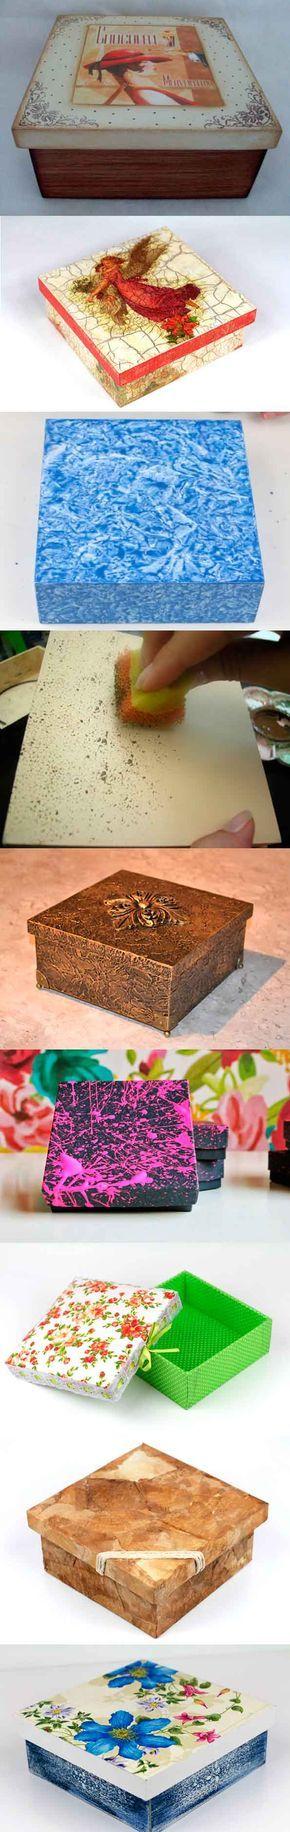 Mejores 484 imágenes de cajas en Pinterest | Arte de madera, Cuero y ...